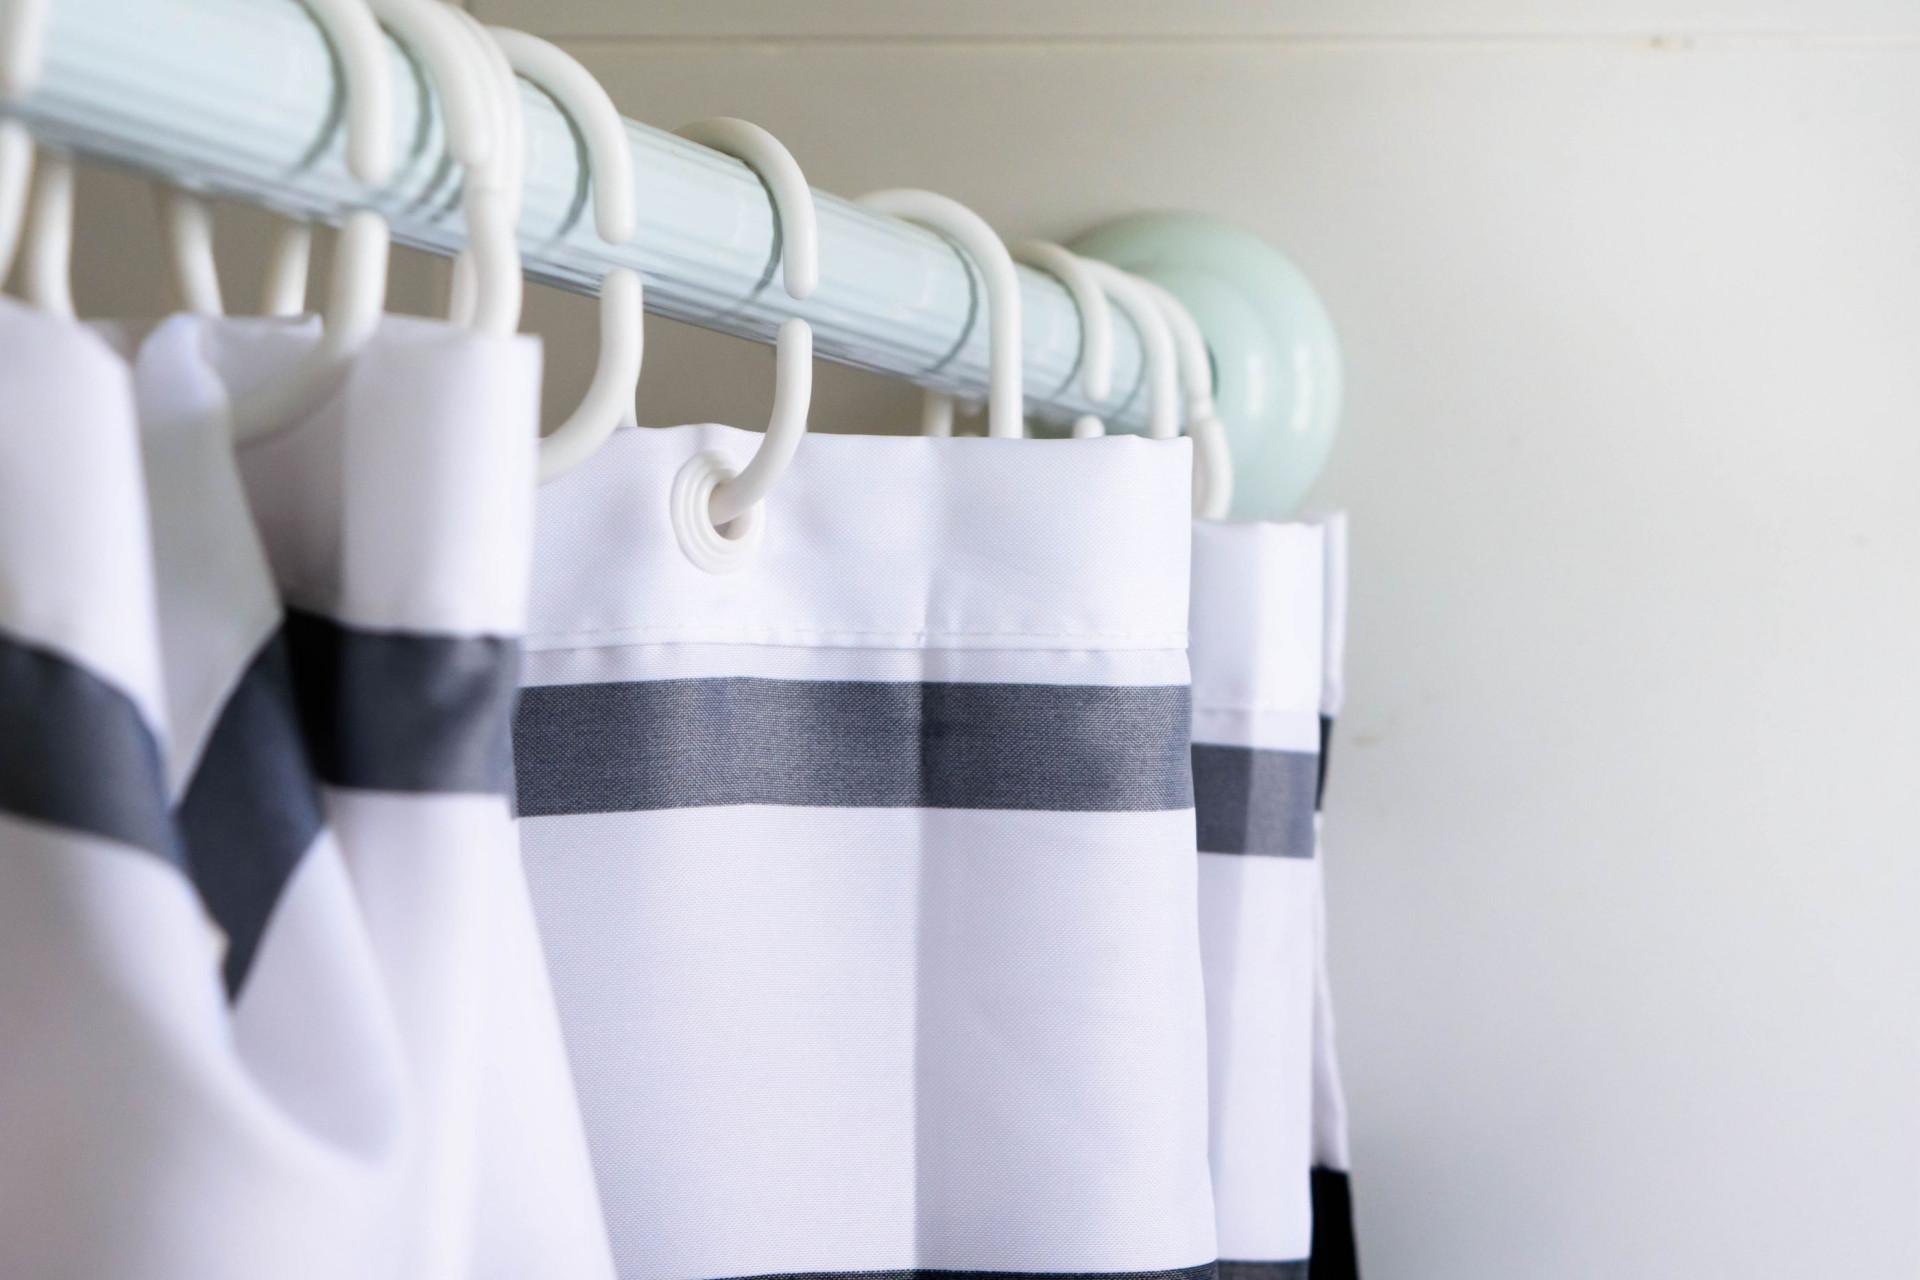 Com que frequência deve limpar os objetos mais usados no dia a dia?